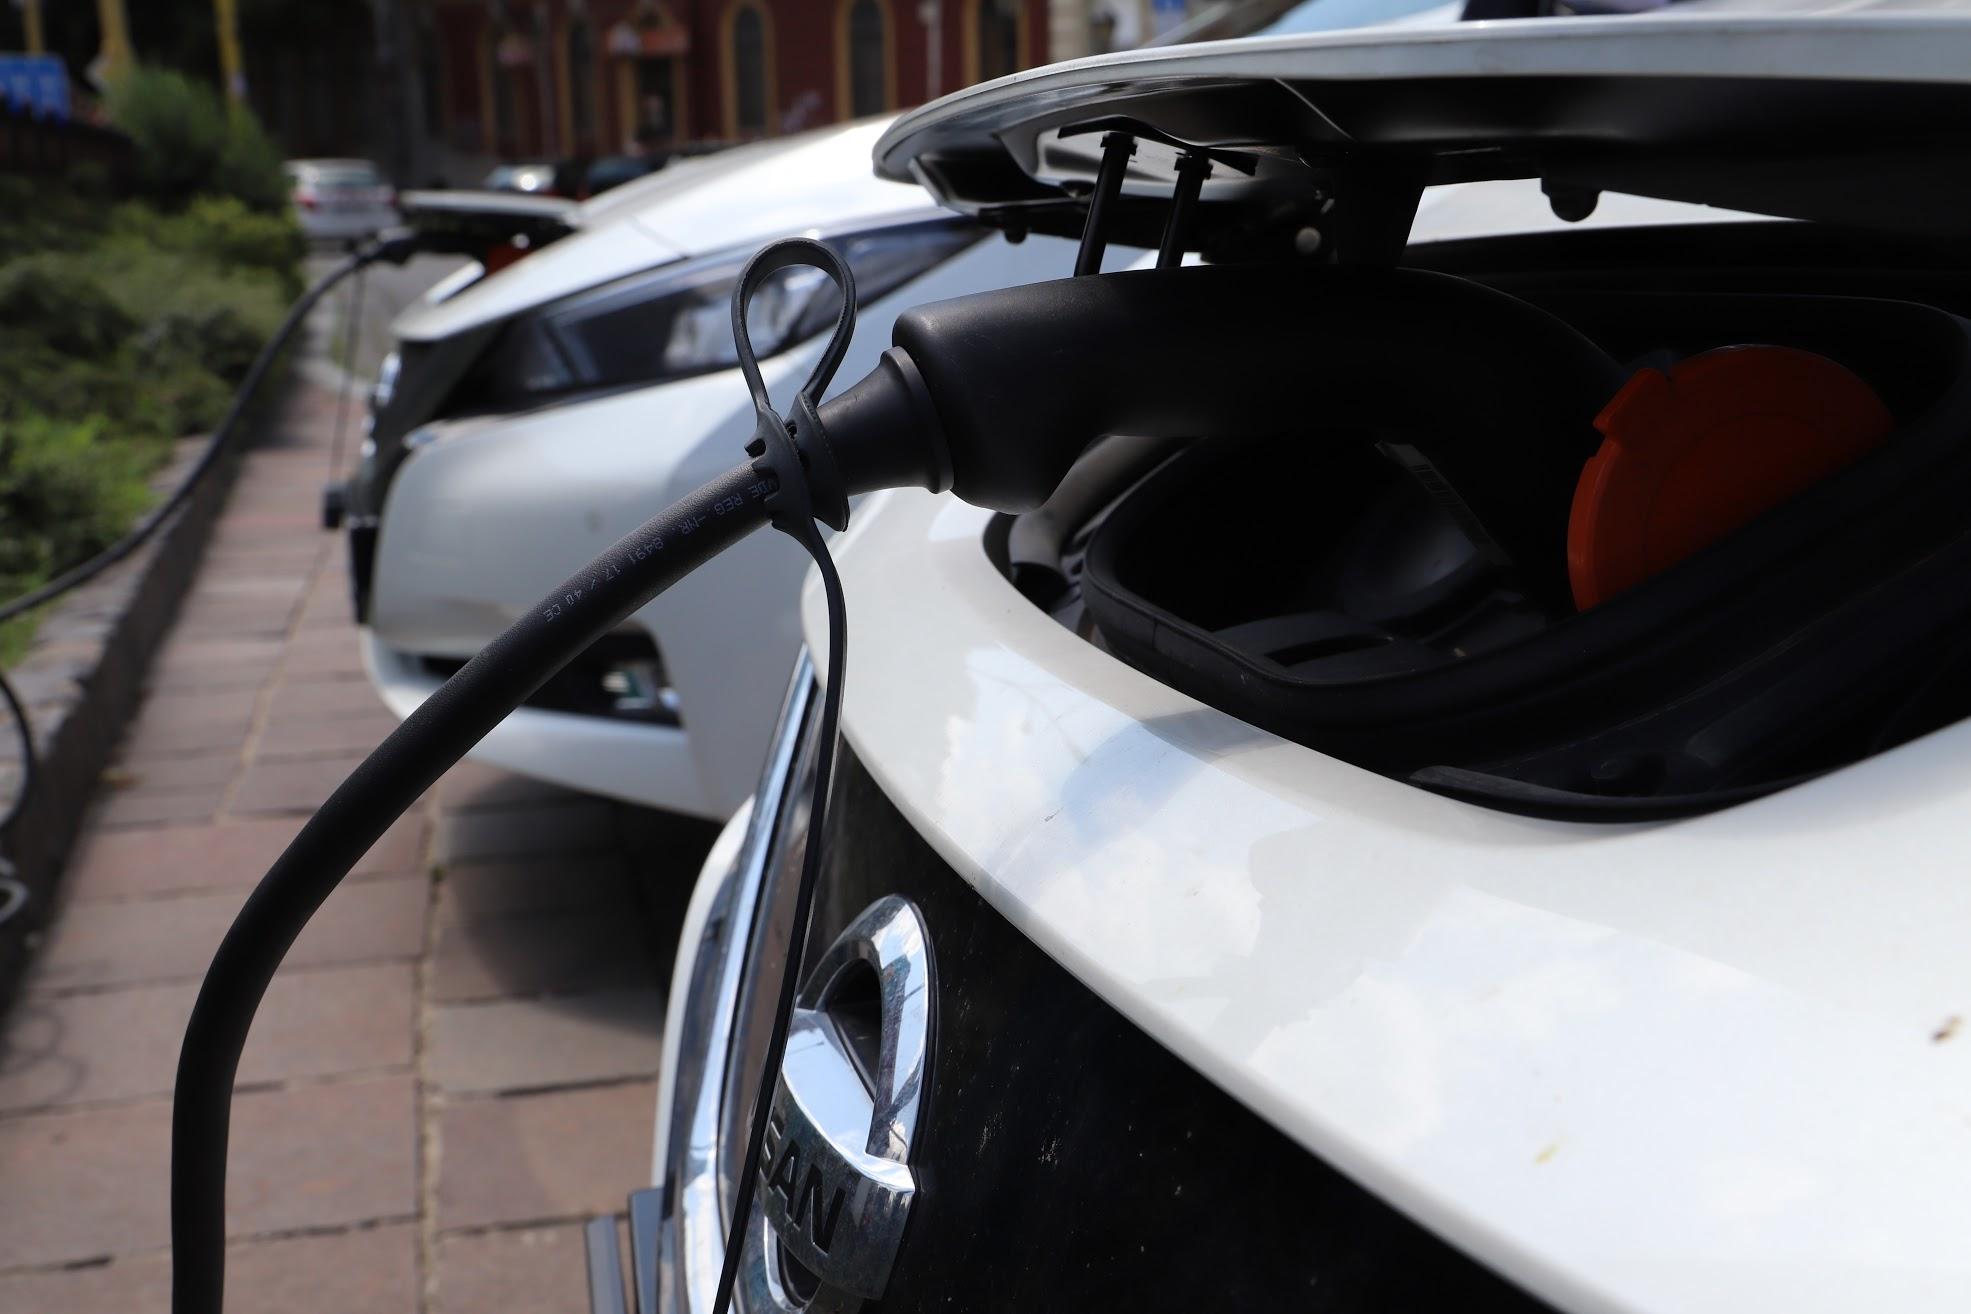 Koľko stojí elektromobil? Porovnanie ukazuje, že cena elektromobilov nezávisí len od značky